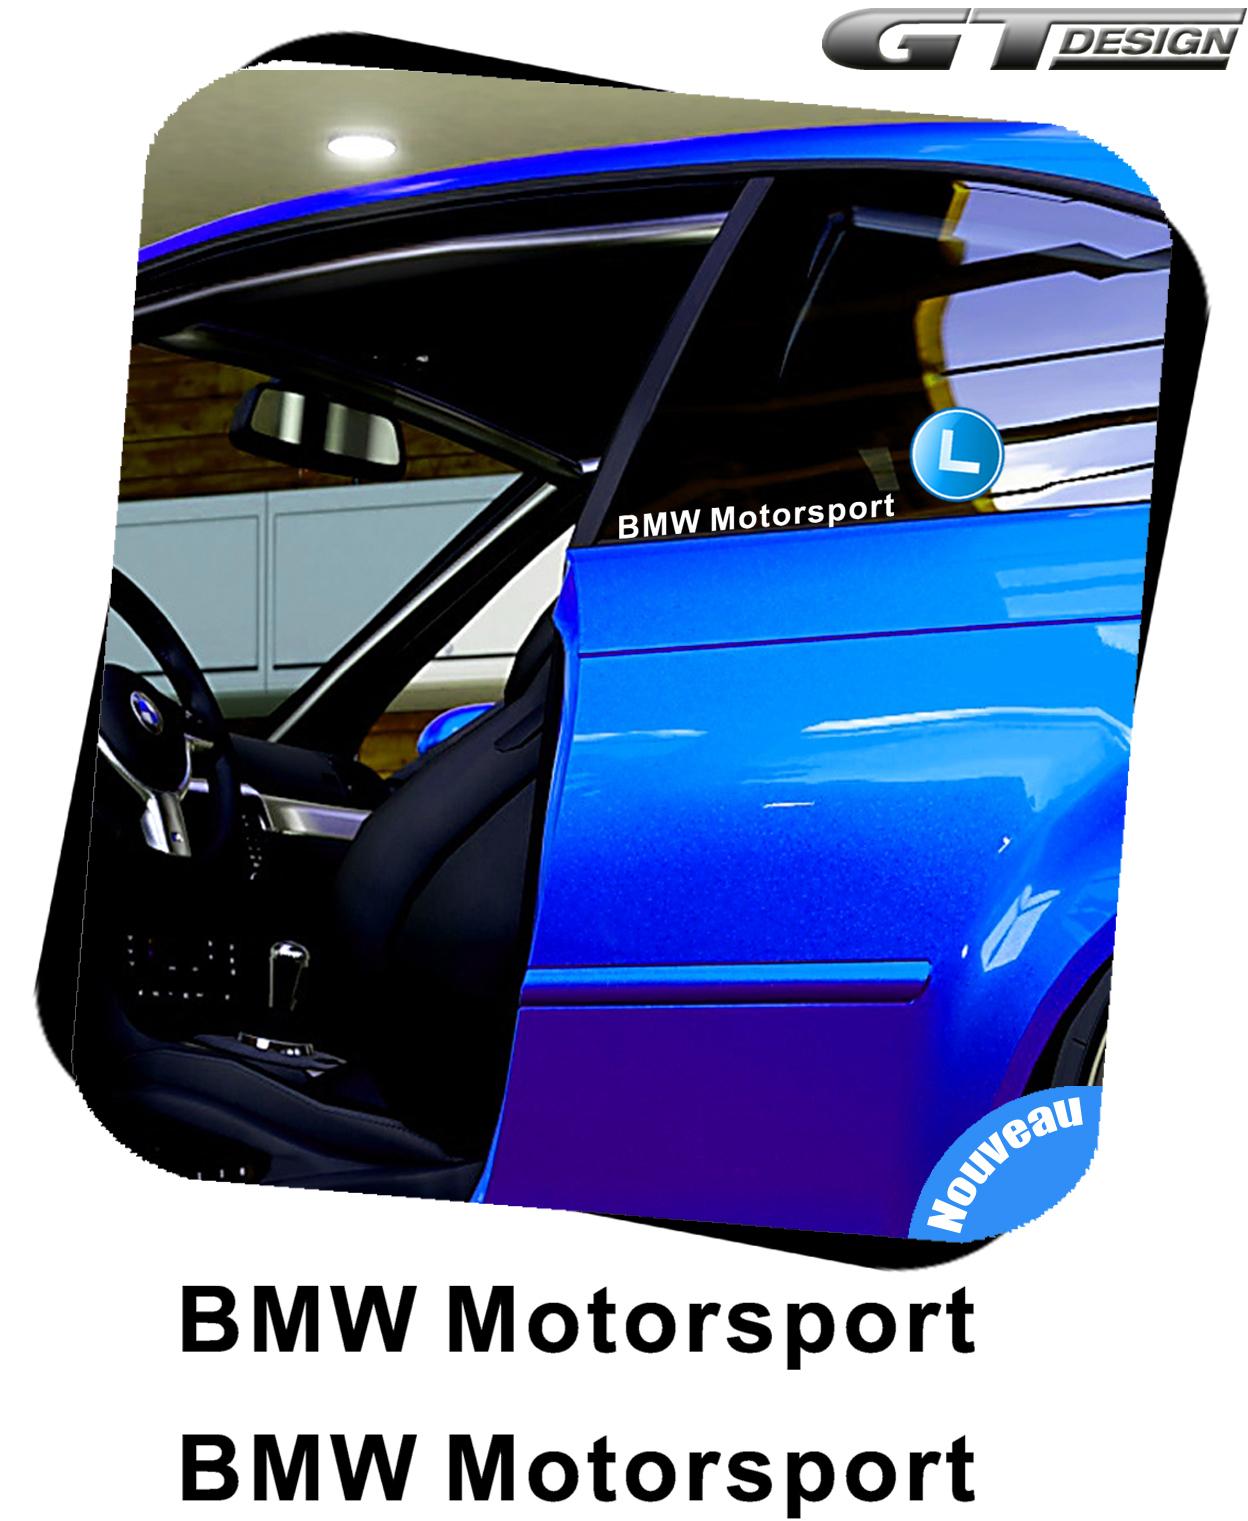 2 sticker bmw motorsport 200mm decal peganita aufkleber. Black Bedroom Furniture Sets. Home Design Ideas